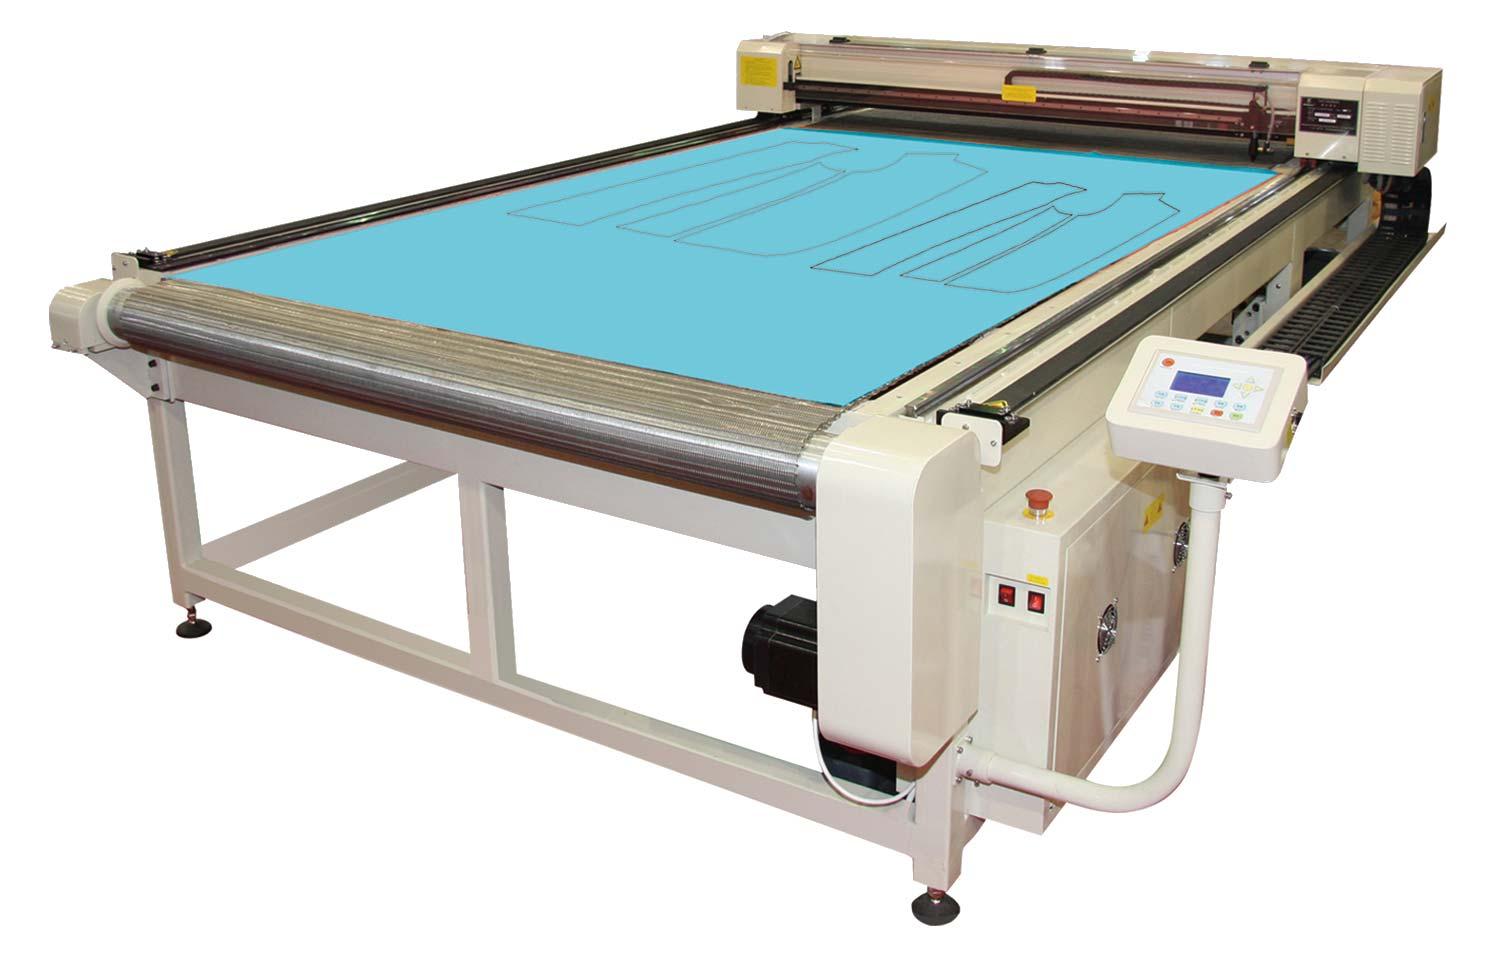 Maquina de cortar papel a laser preço